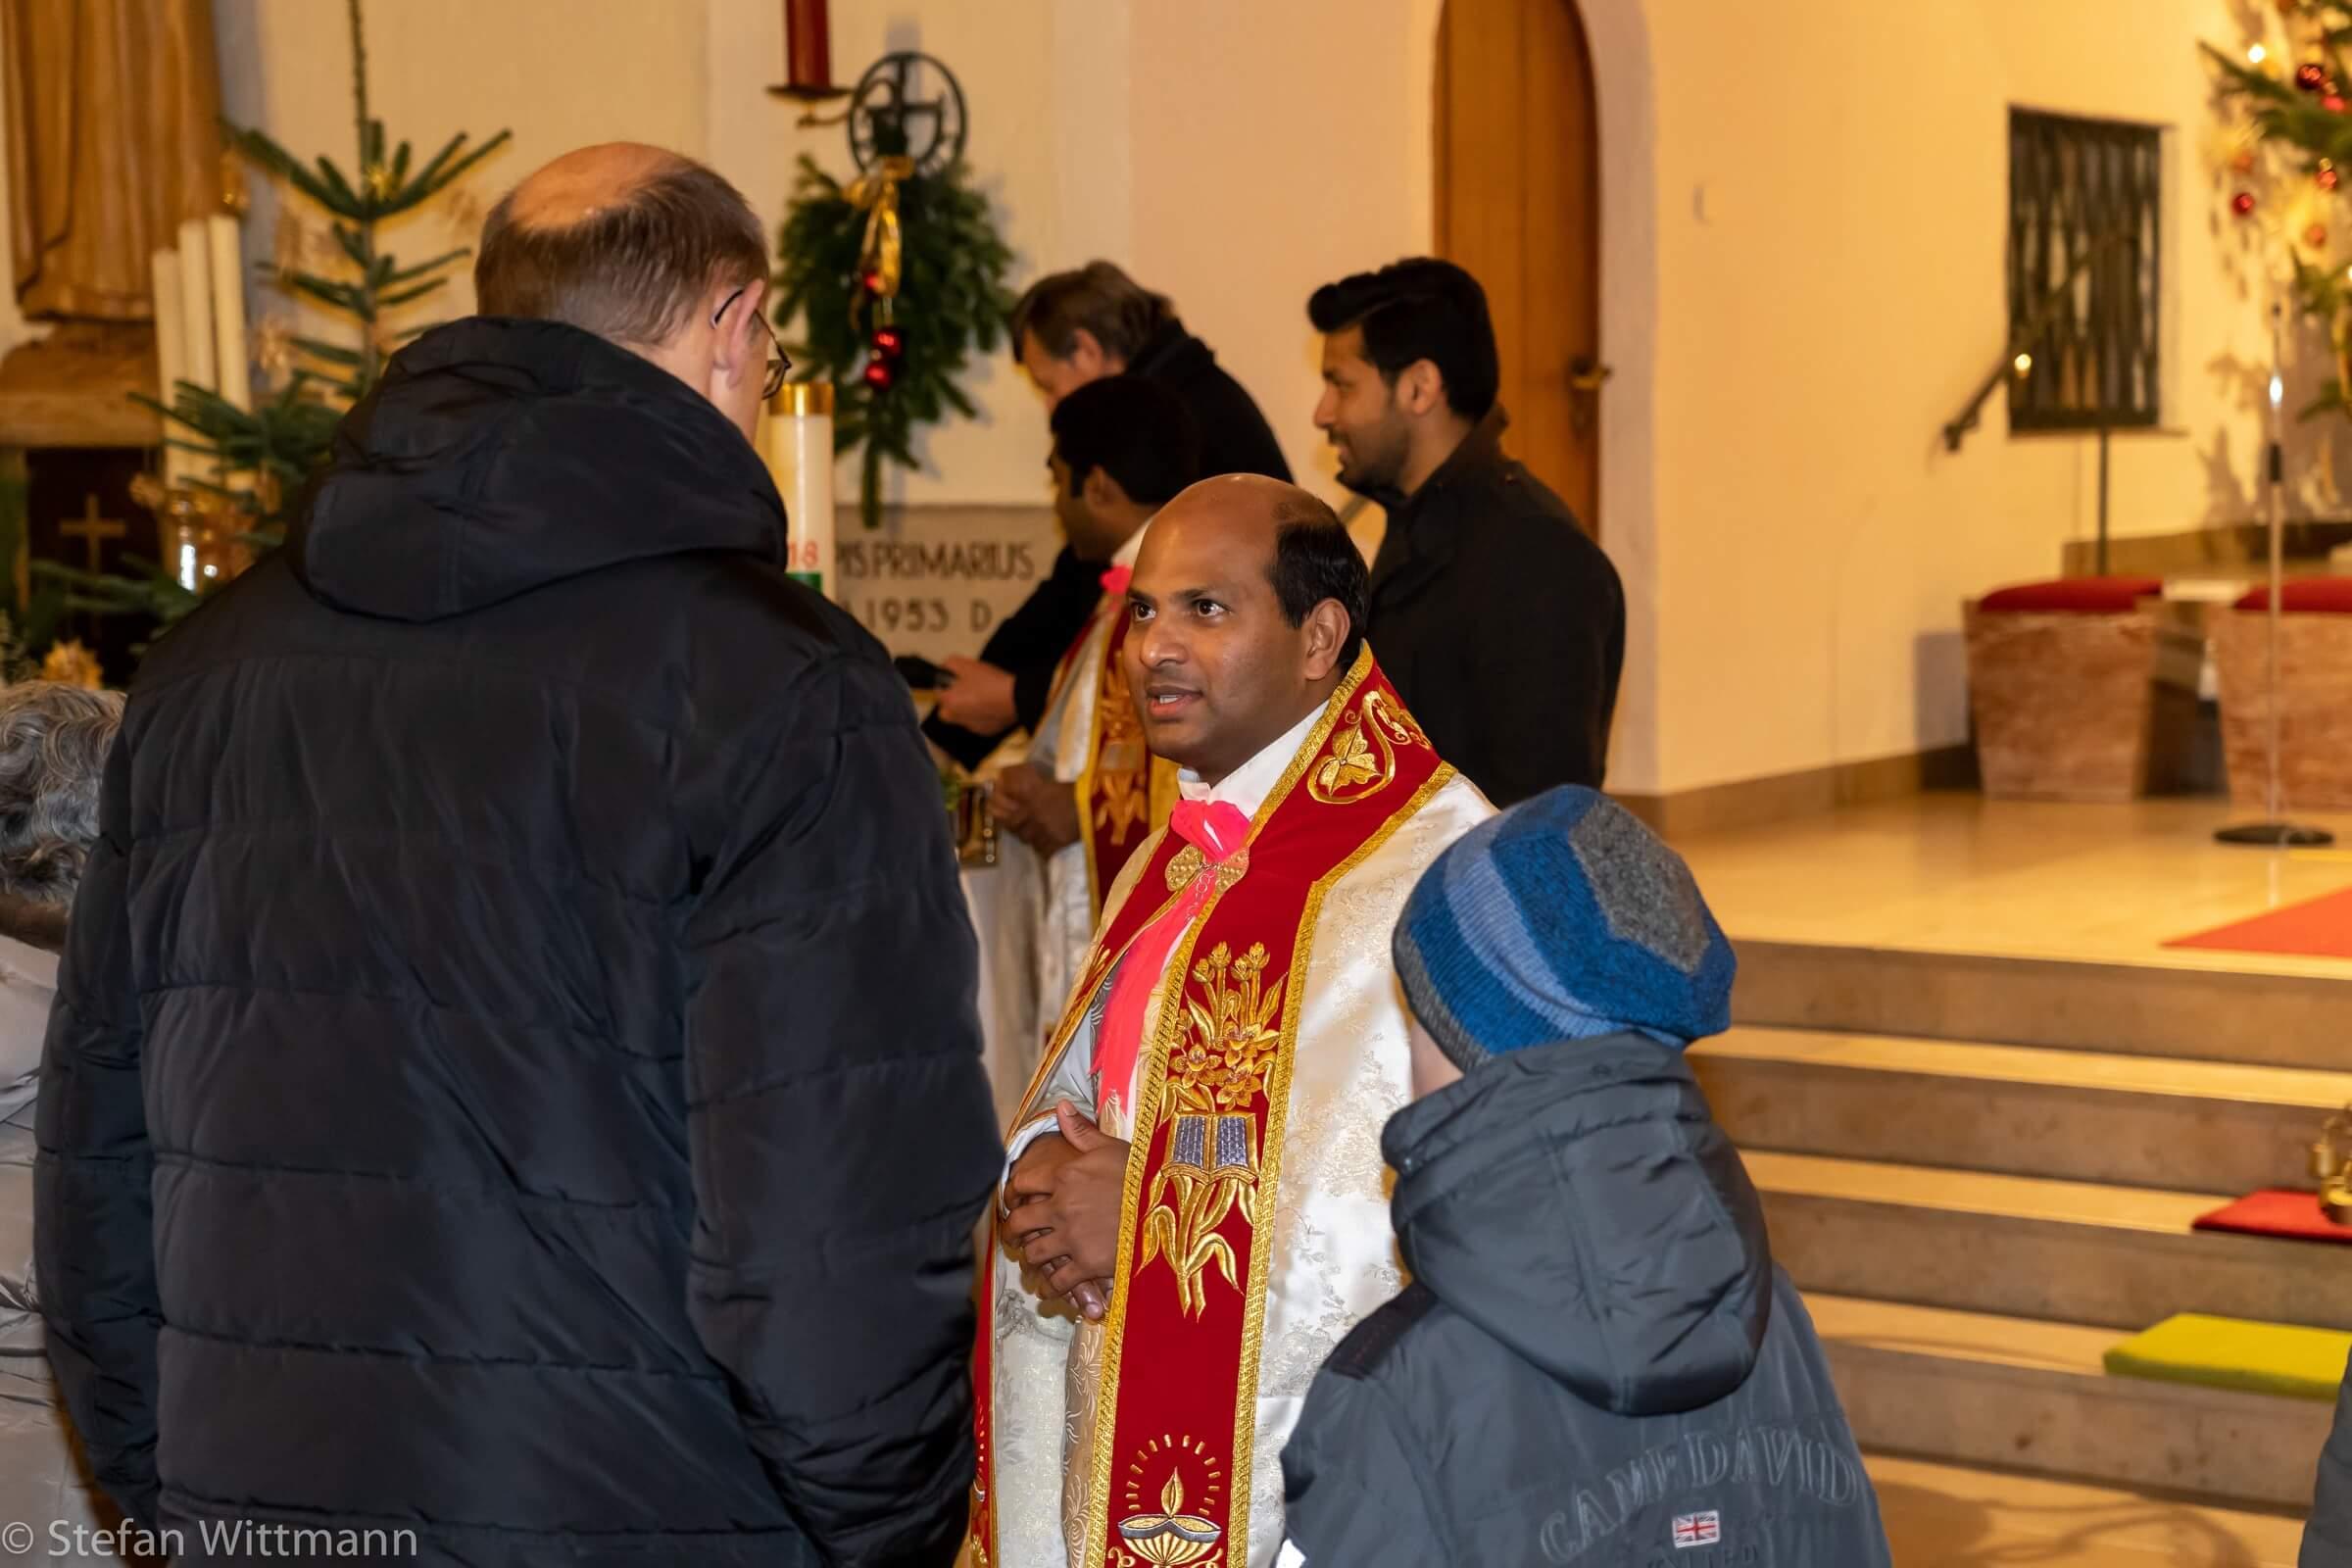 20181230-10 Jahre Priester Joseph - von Wittmann Stefan 20181230182001-DSC02053